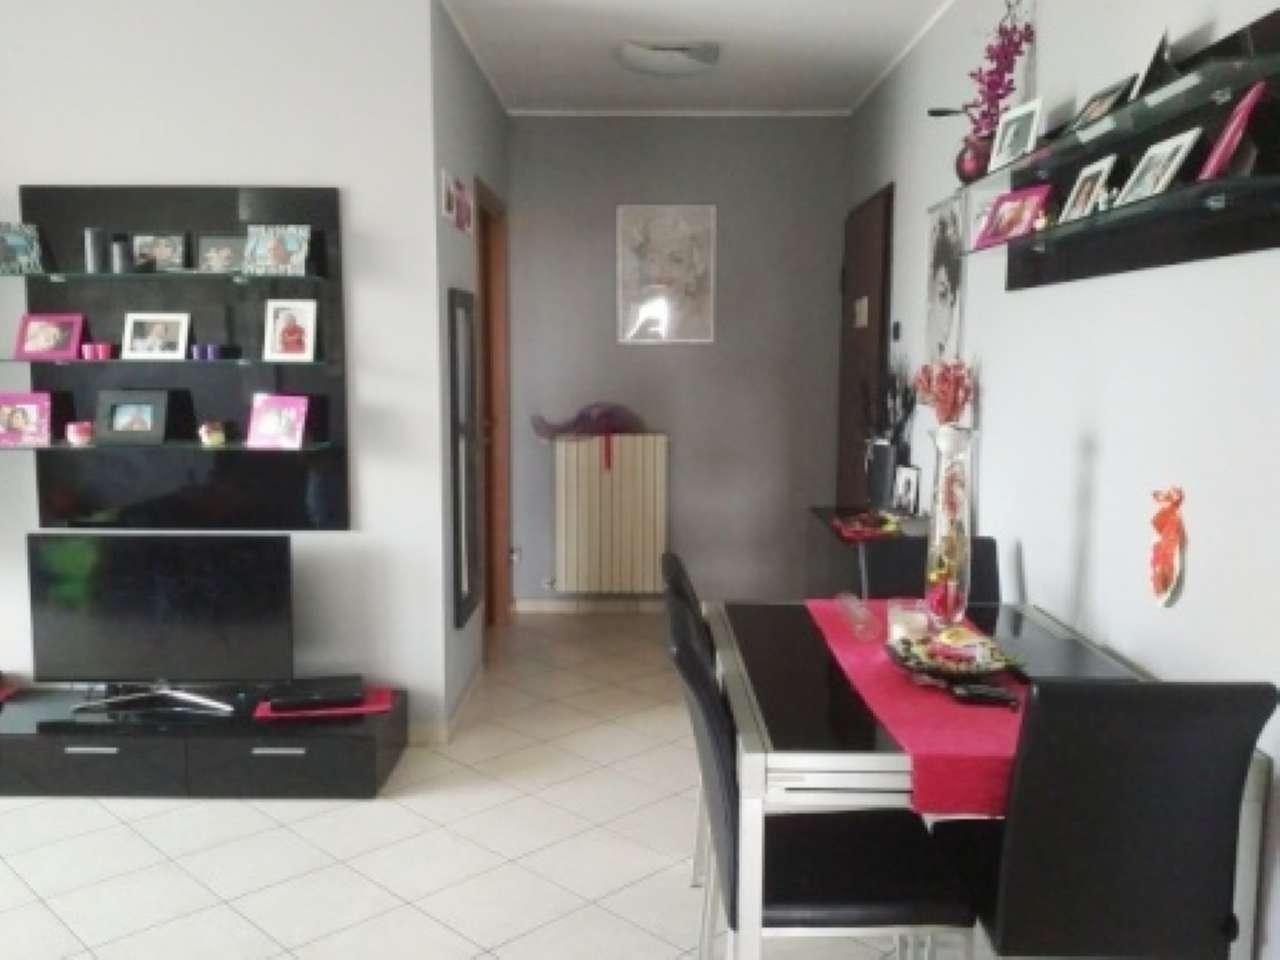 Appartamento in vendita a Limido Comasco, 3 locali, prezzo € 169.000 | PortaleAgenzieImmobiliari.it